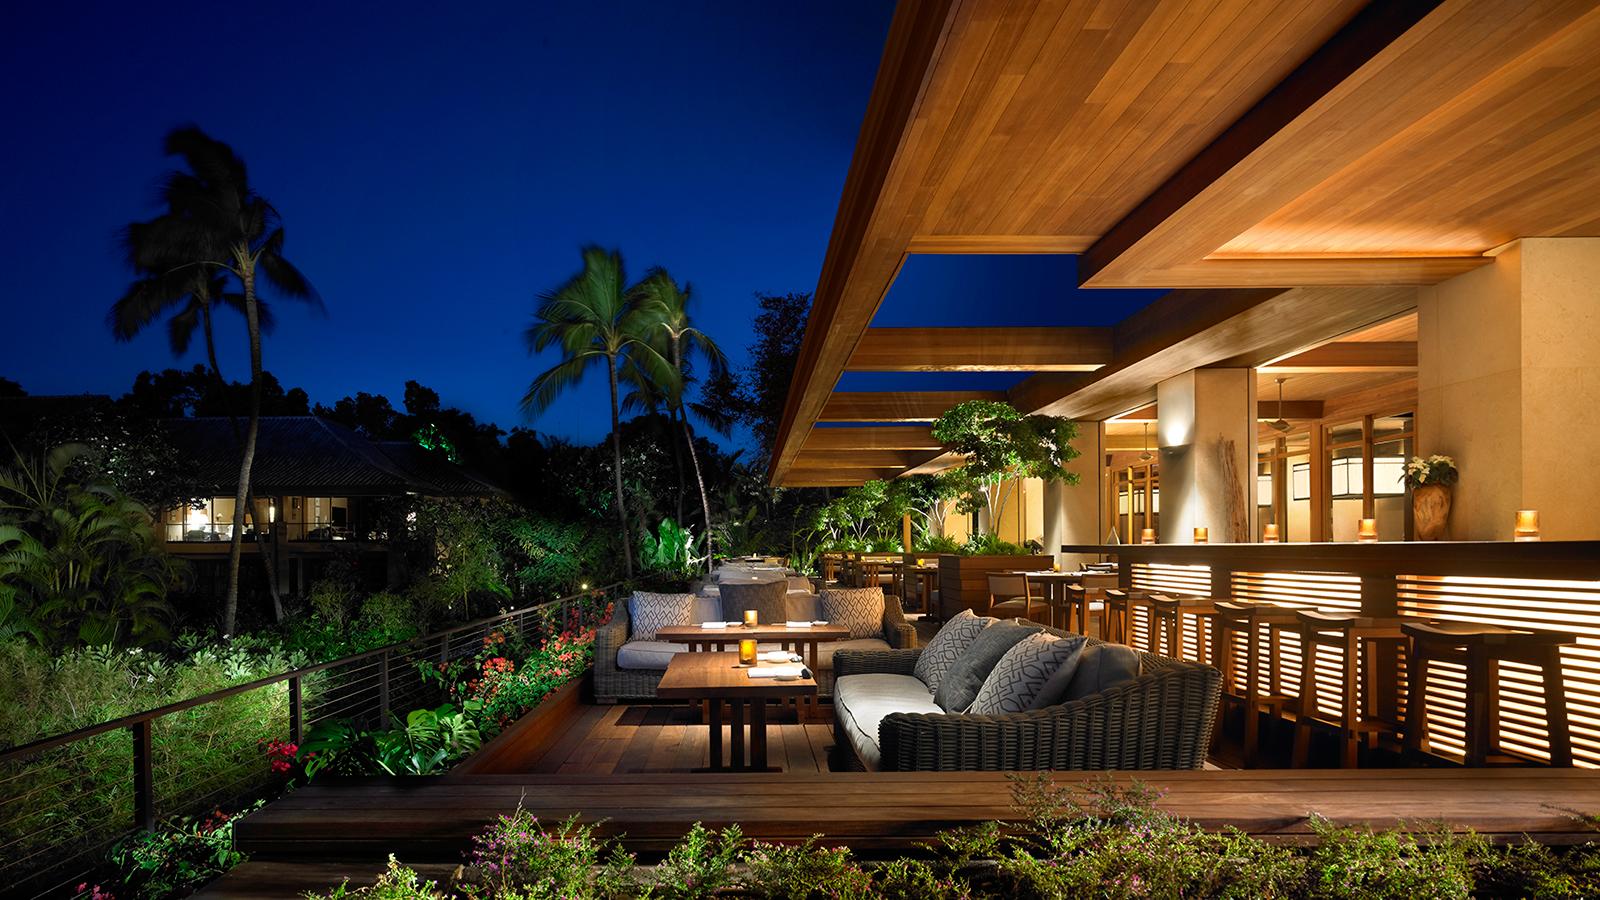 Pūlama Lāna'i Gifts Hospital Heroes Complimentary Stay at Sensei Lāna'i, A Four Seasons Resort